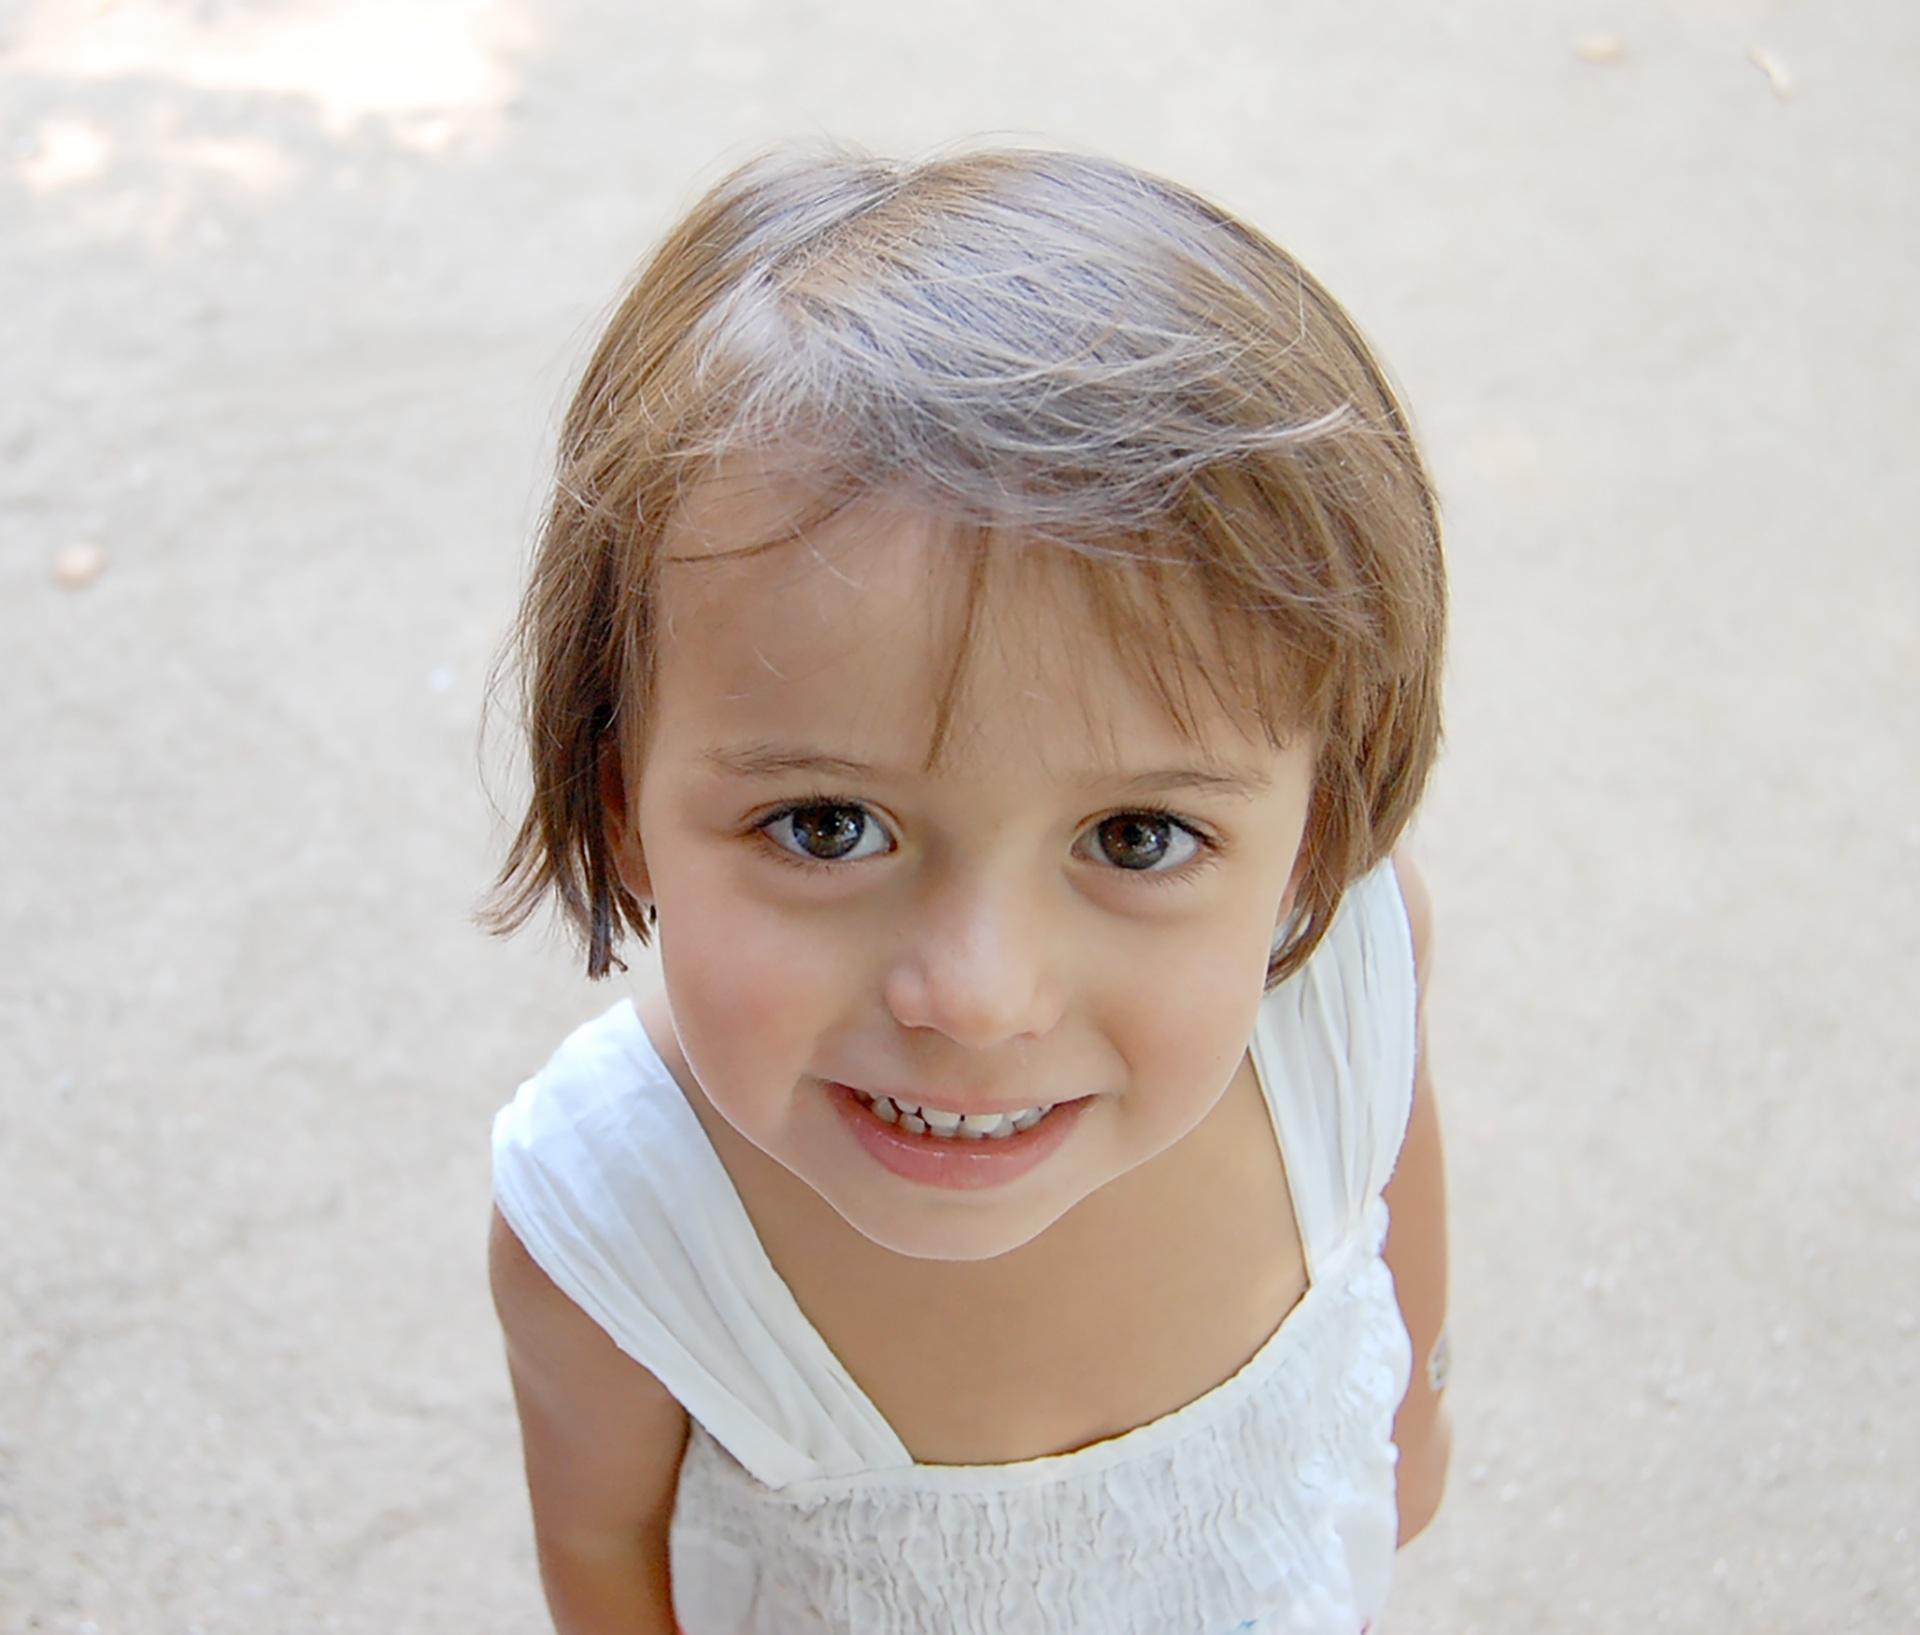 Kostenlose foto Person Menschen Mädchen Fotografie Porträt